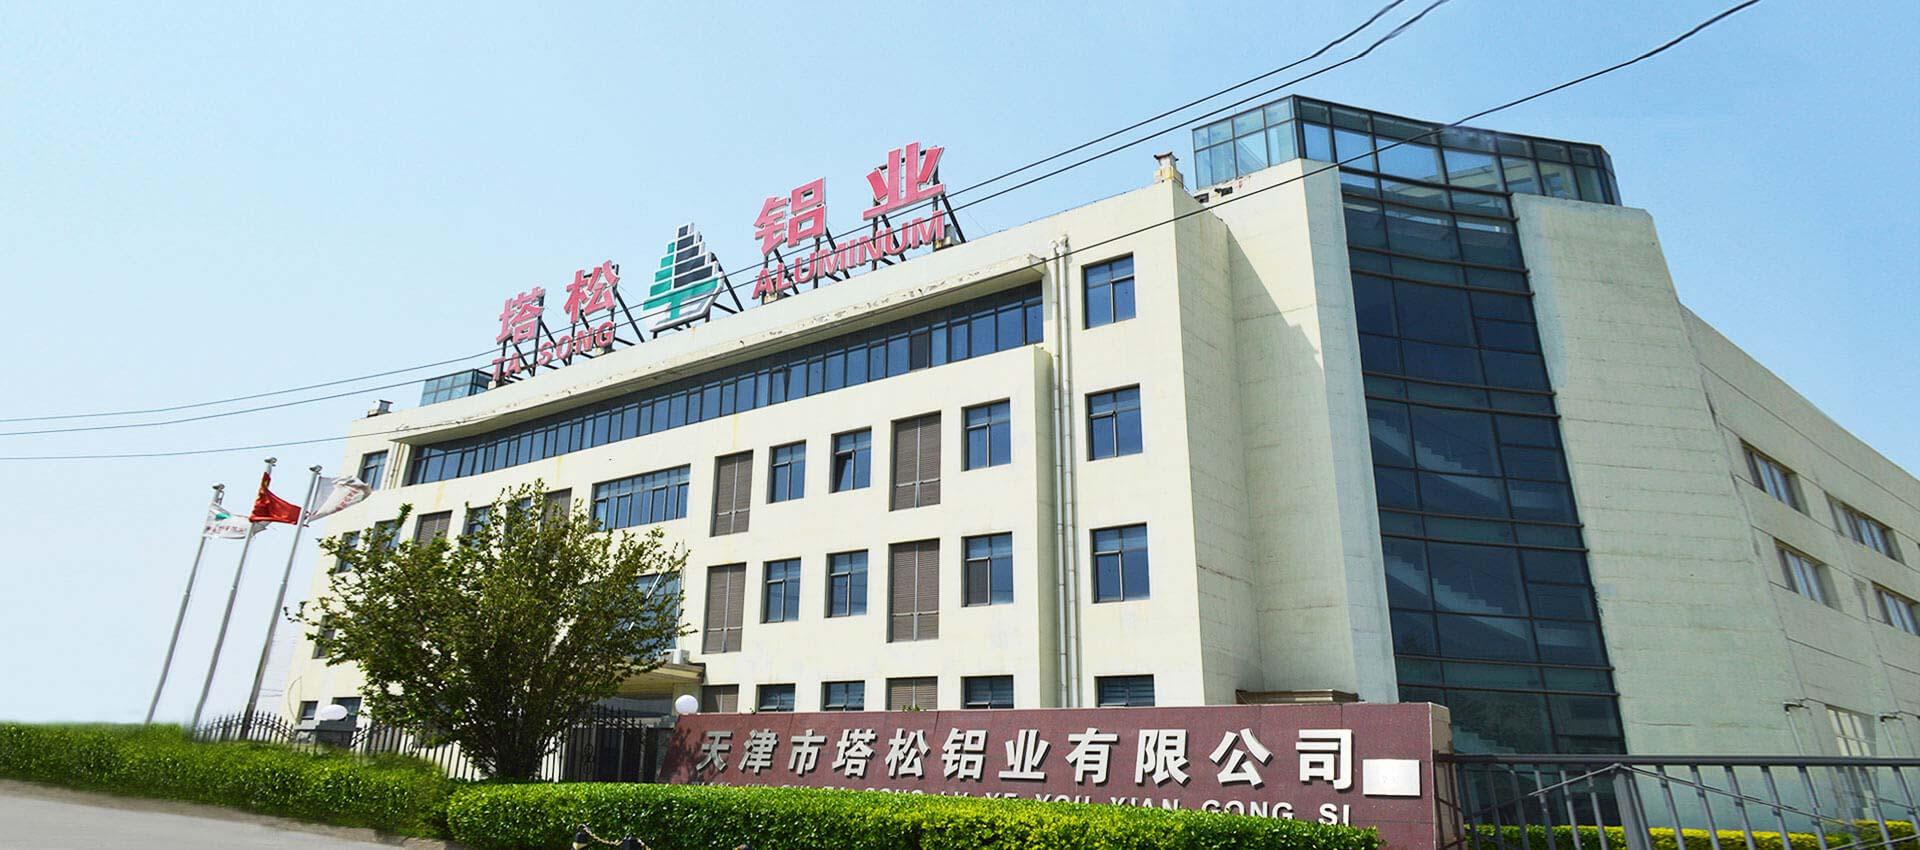 Tianjin Tasong Aluminum Co., Ltd.